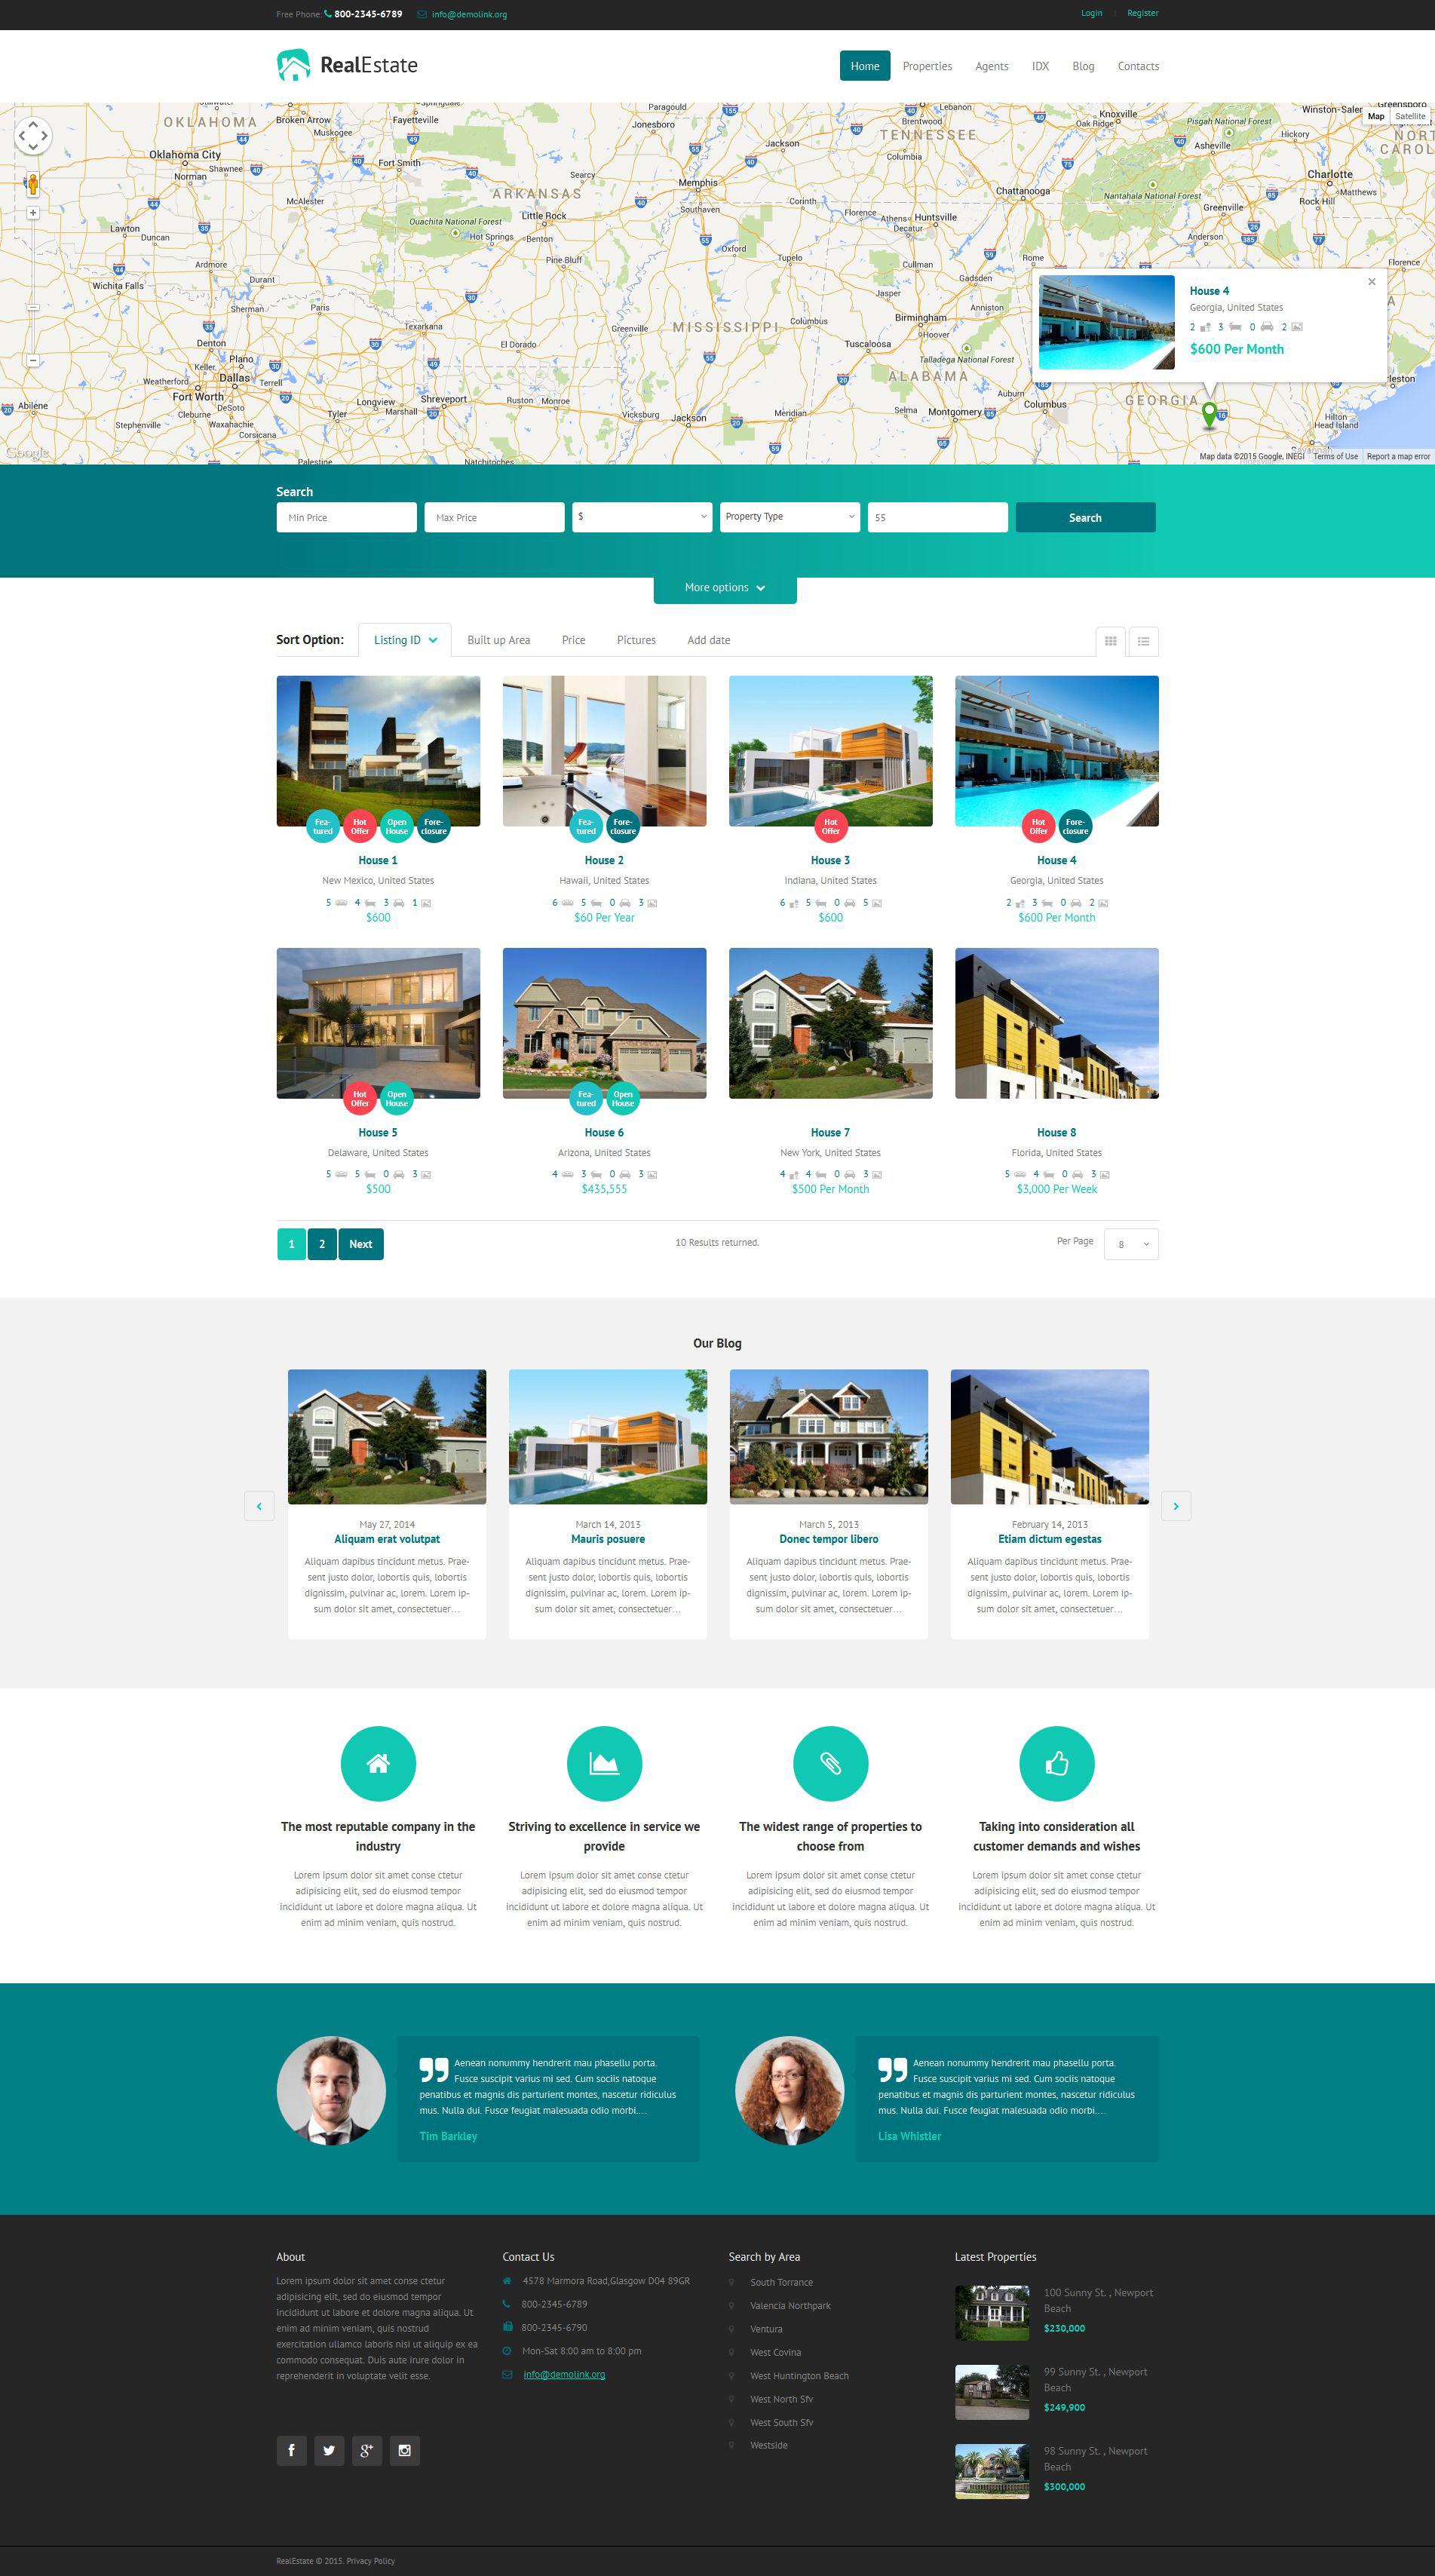 Адаптивний WordPress шаблон на тему агентство нерухомості №52837 - скріншот